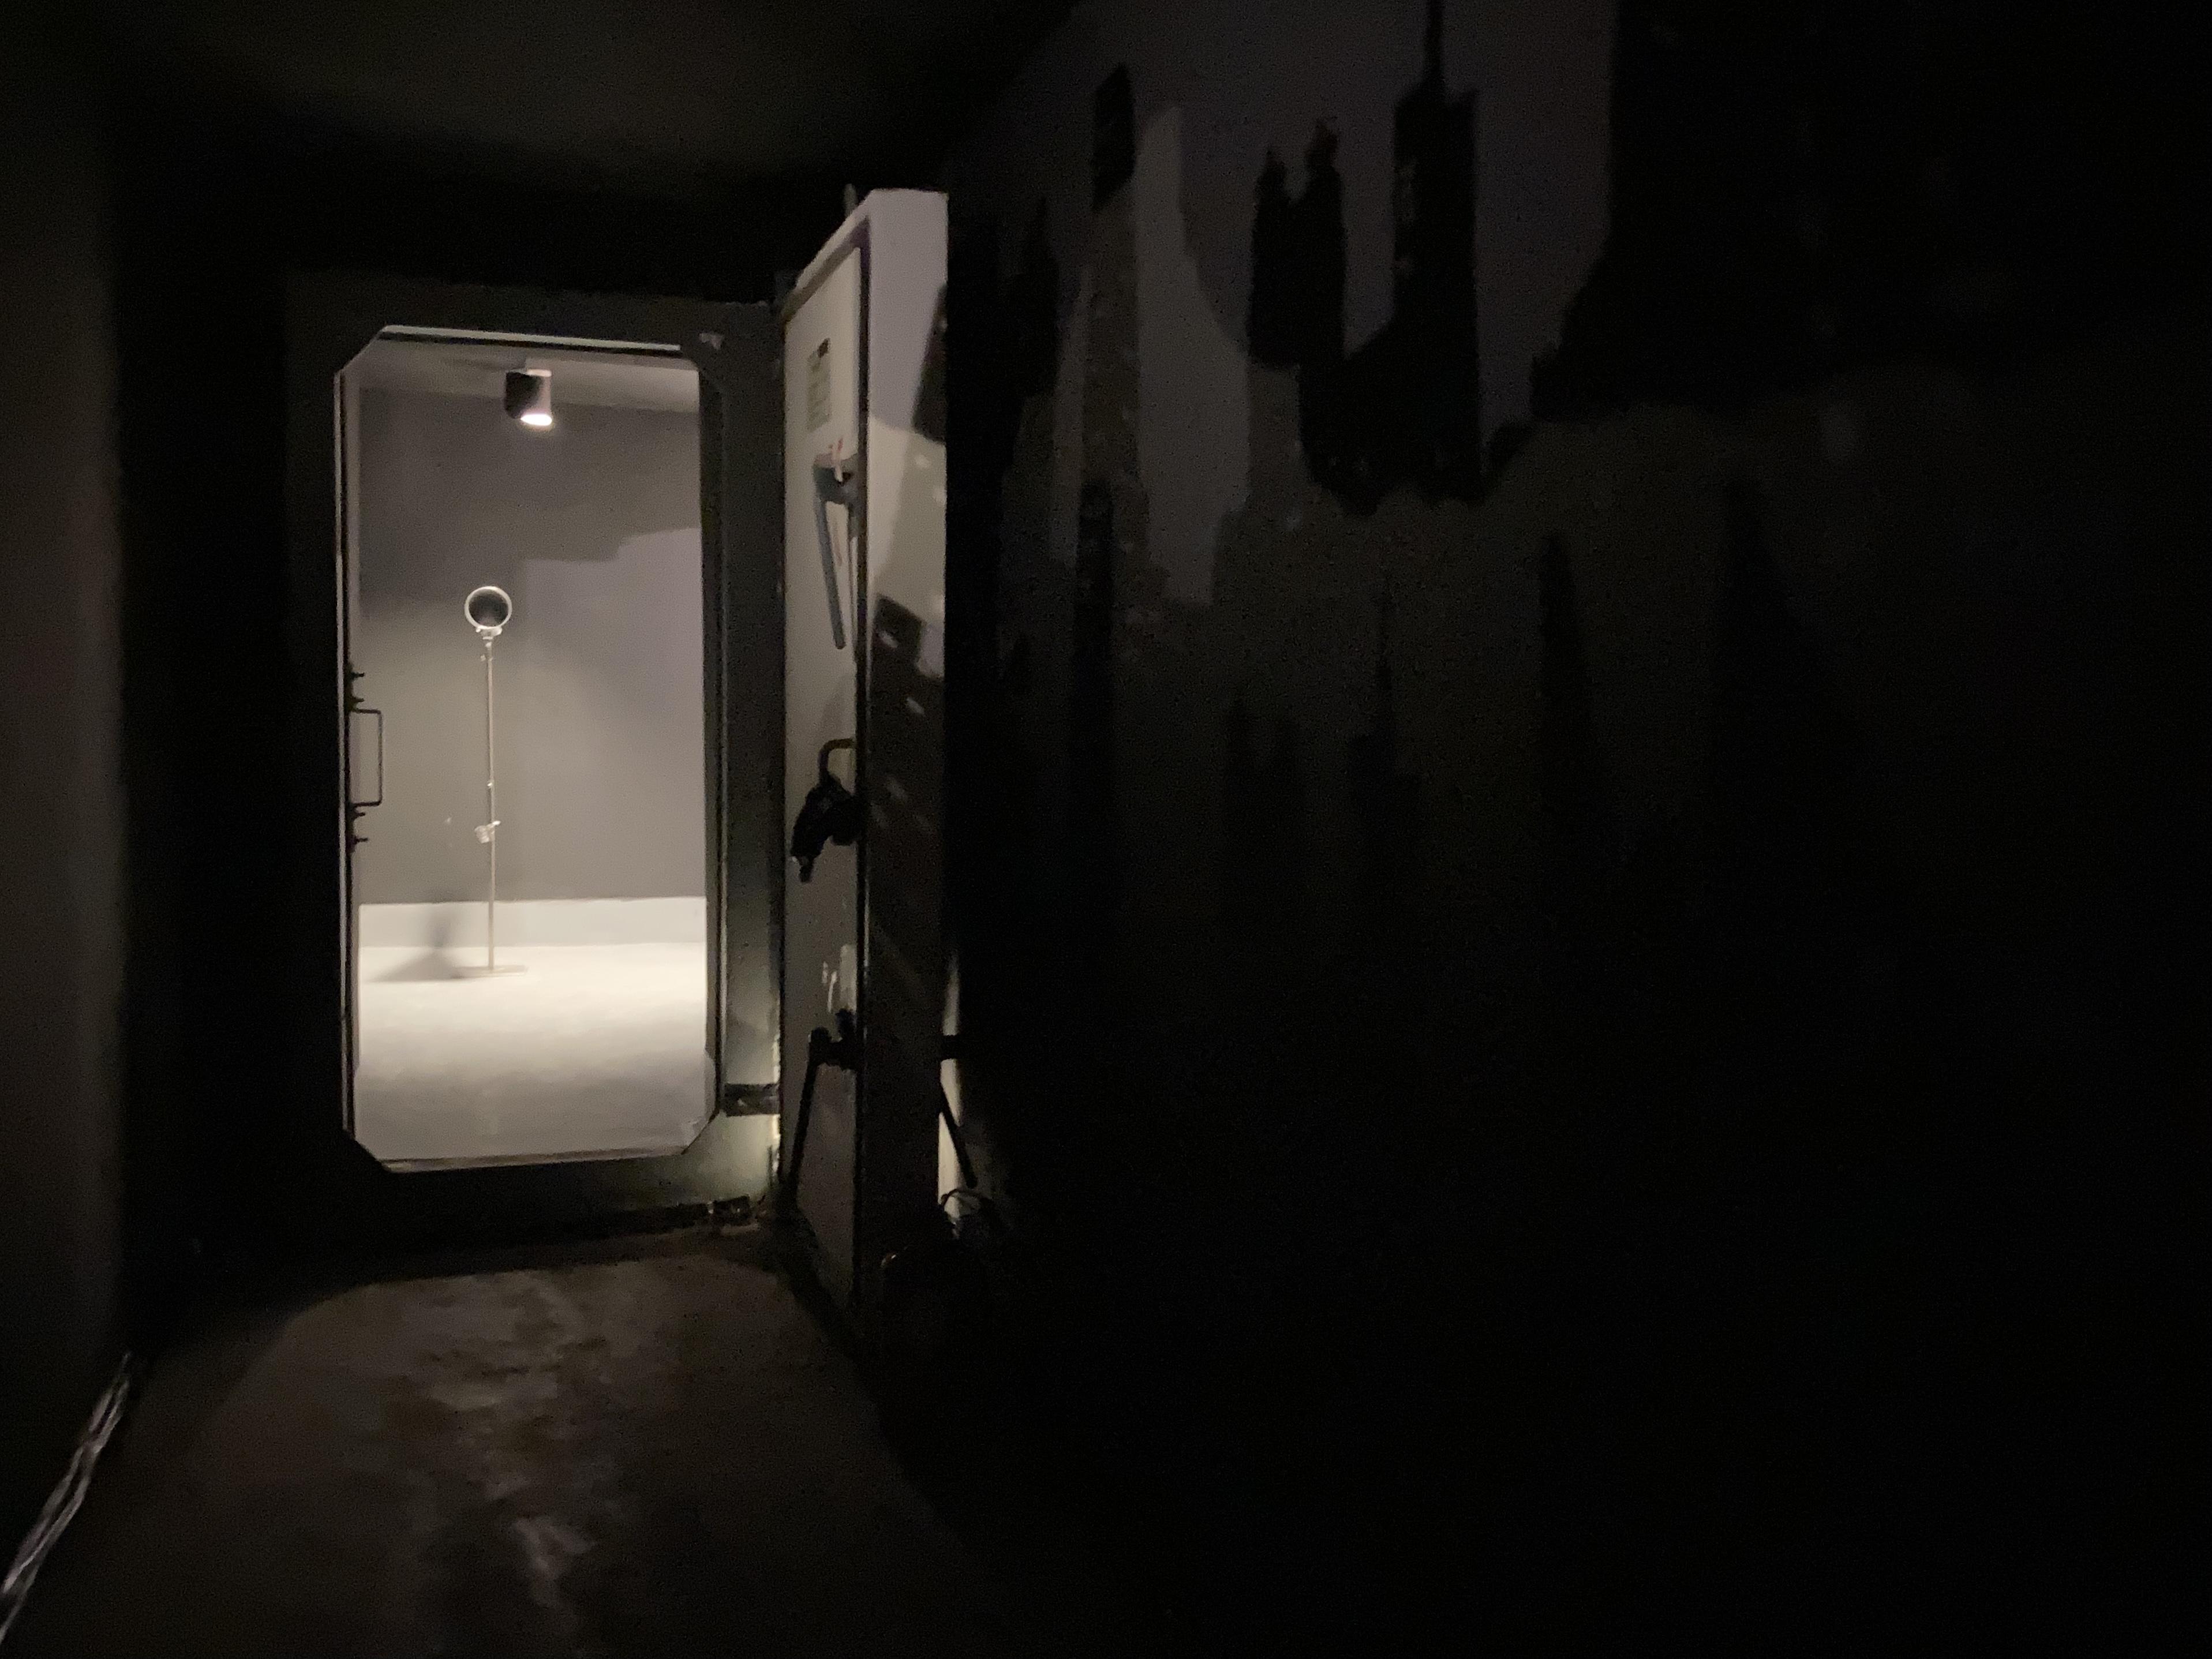 《回声:来自自然与城市的问候》序曲展副场地,闲下来合作社B区深洞。沈健文摄